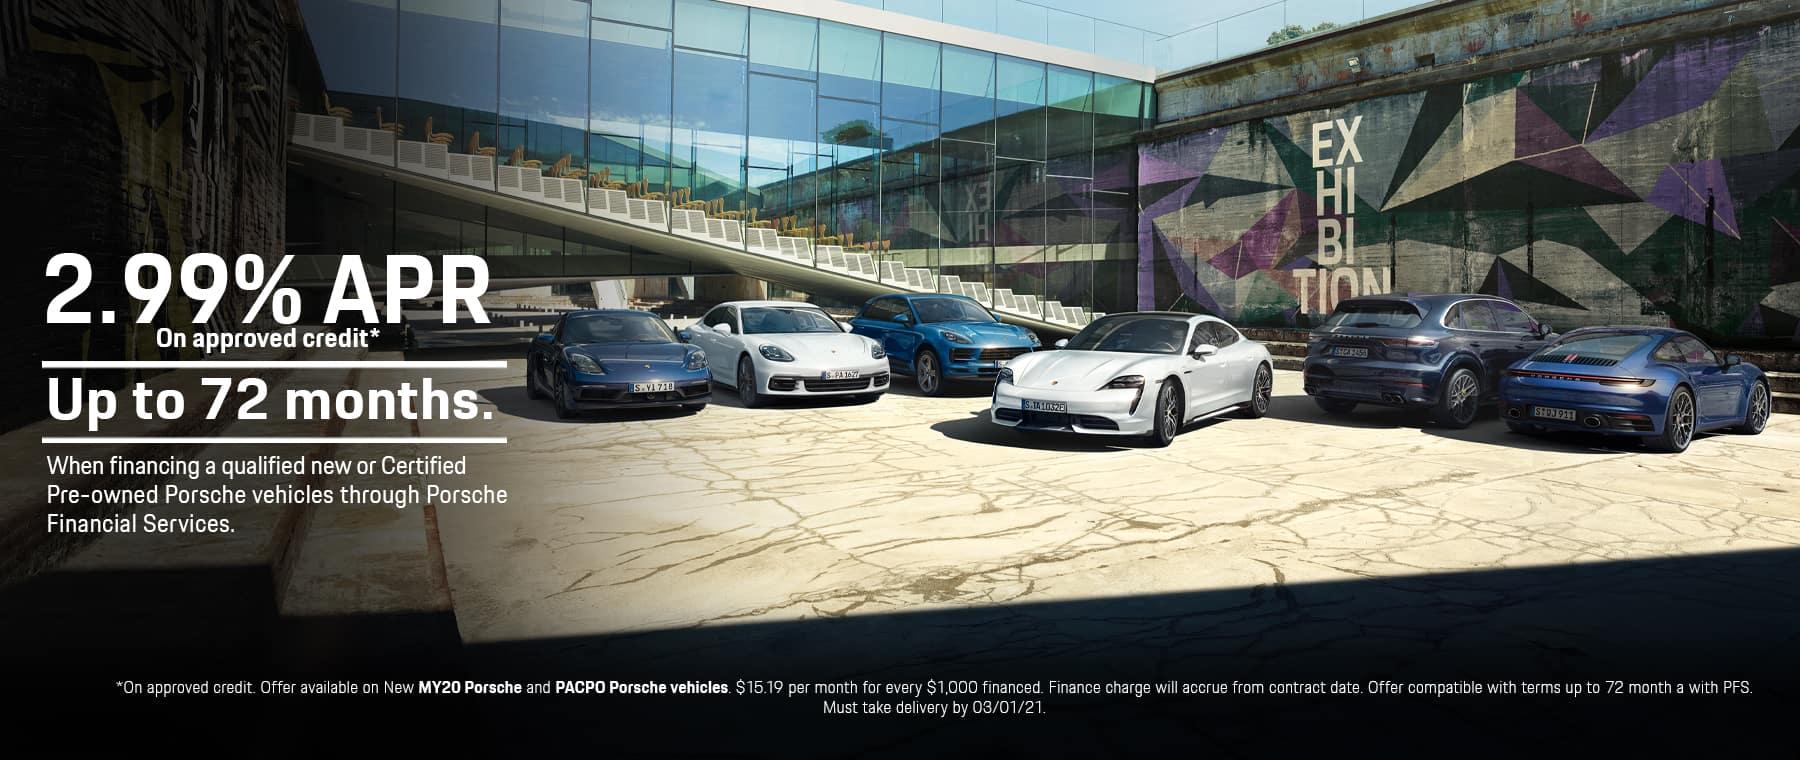 Porsche_PFS-2.99%_1800x760_homeslide_011221